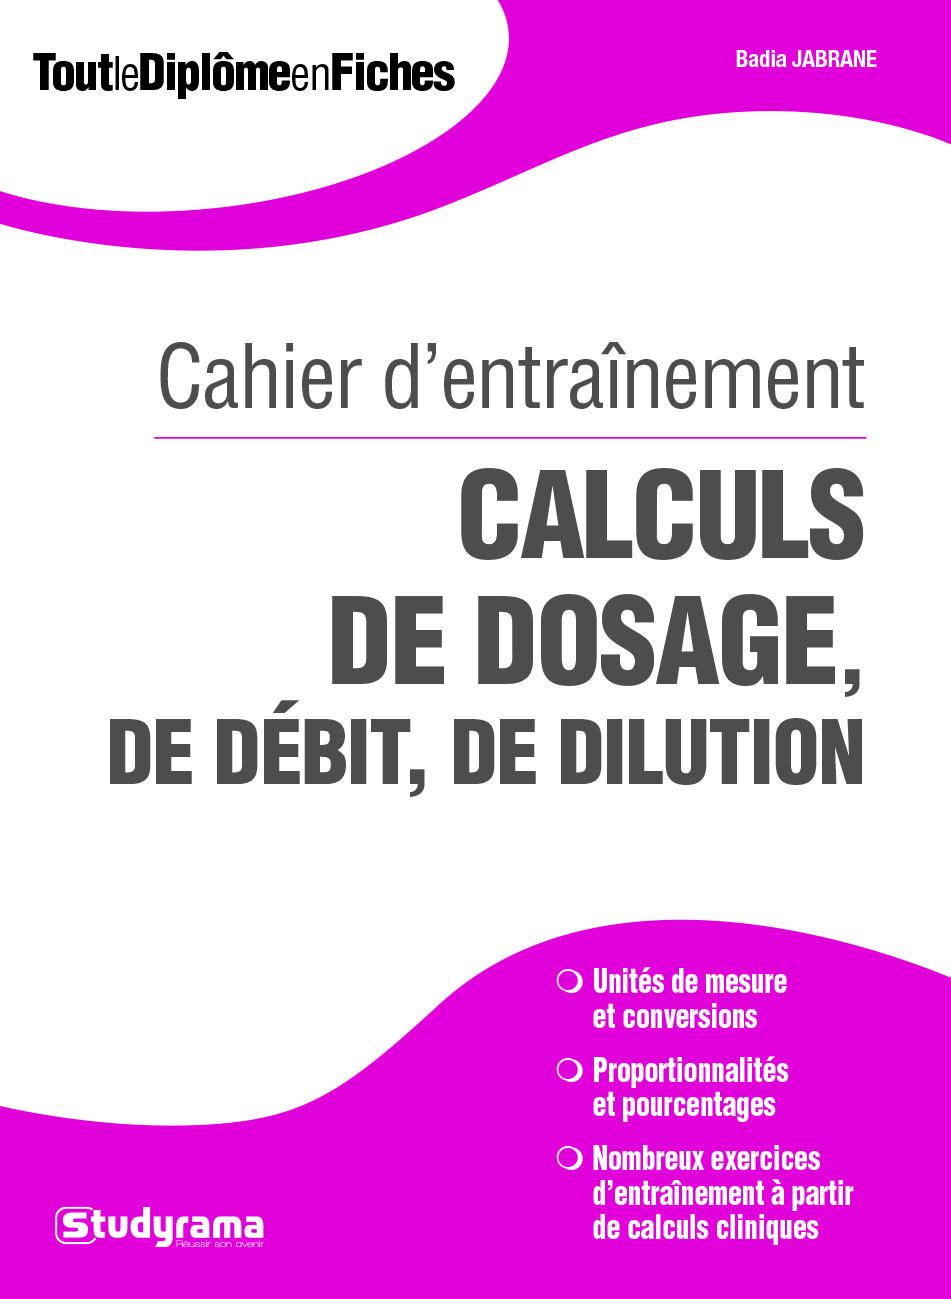 CAHIER D'ENTRAINEMENT CALCULS DE DOSAGE DE DEBIT DE DILUTION